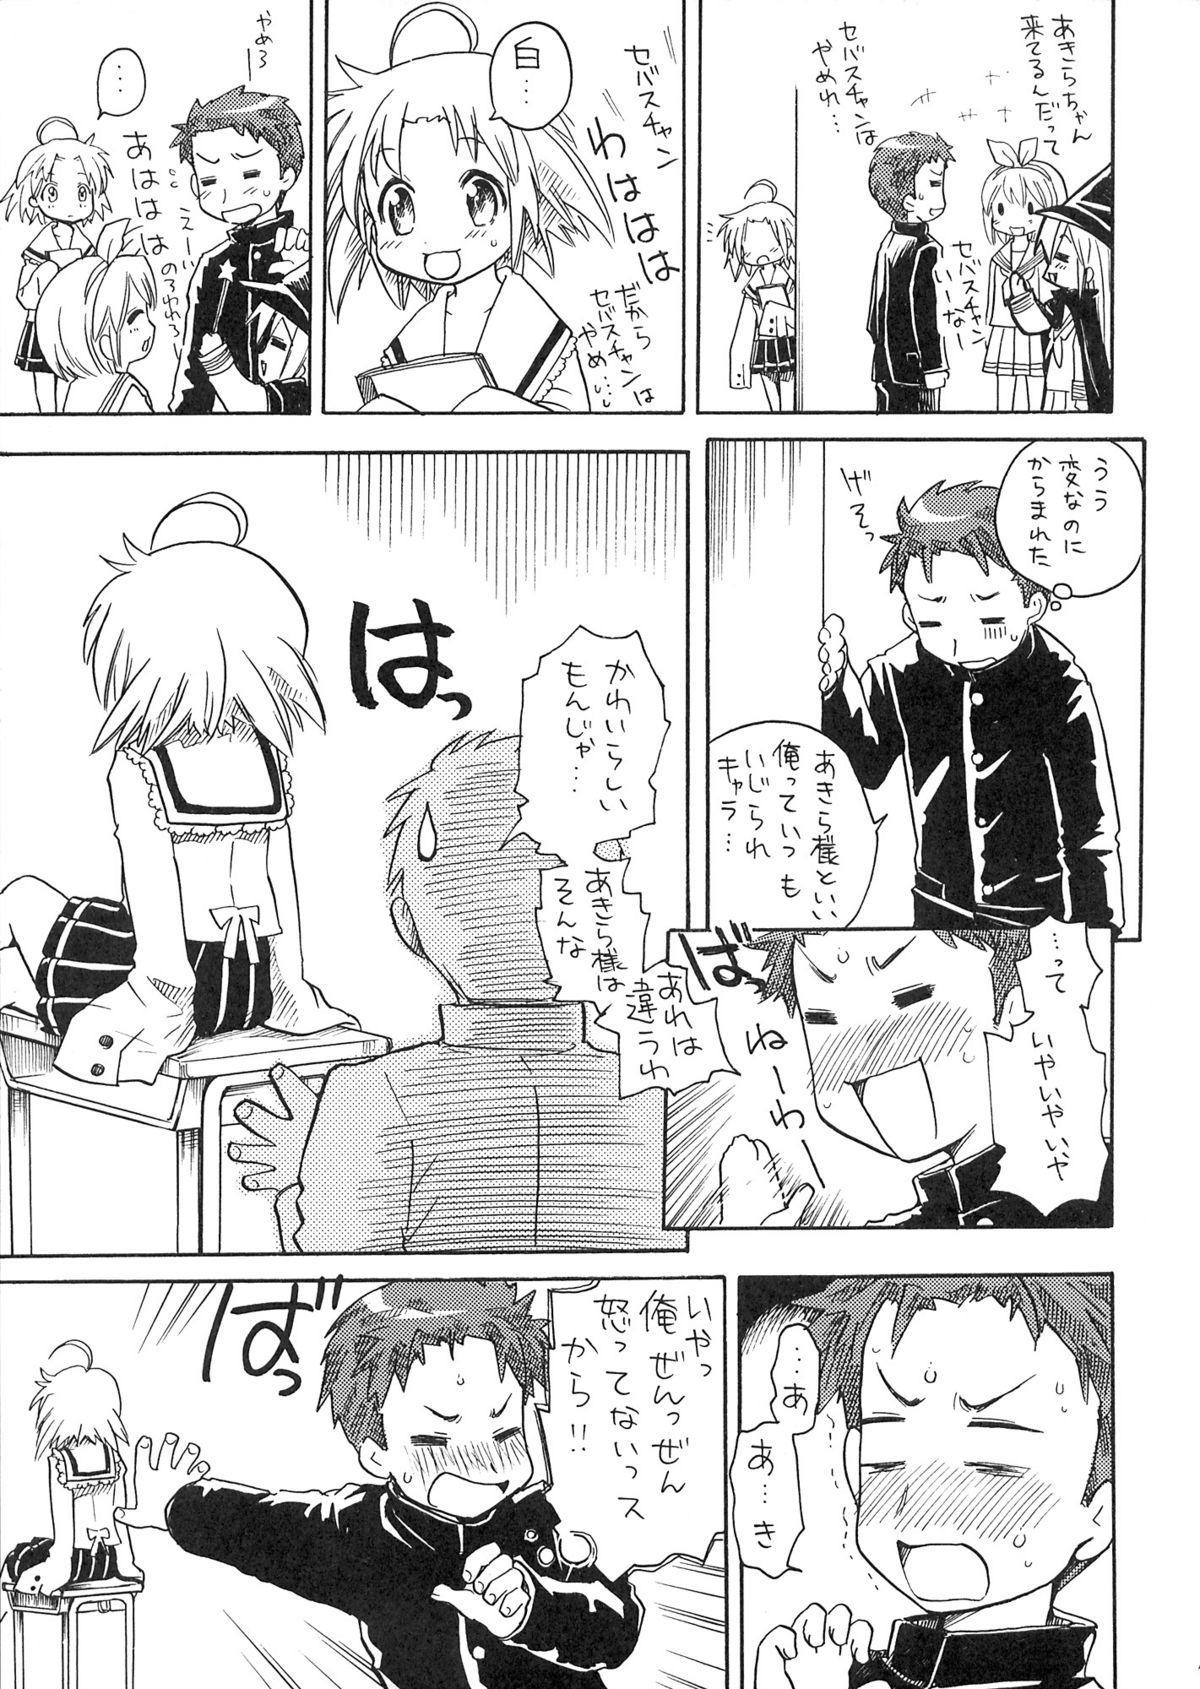 Akira-sama no Yuuutsu 6